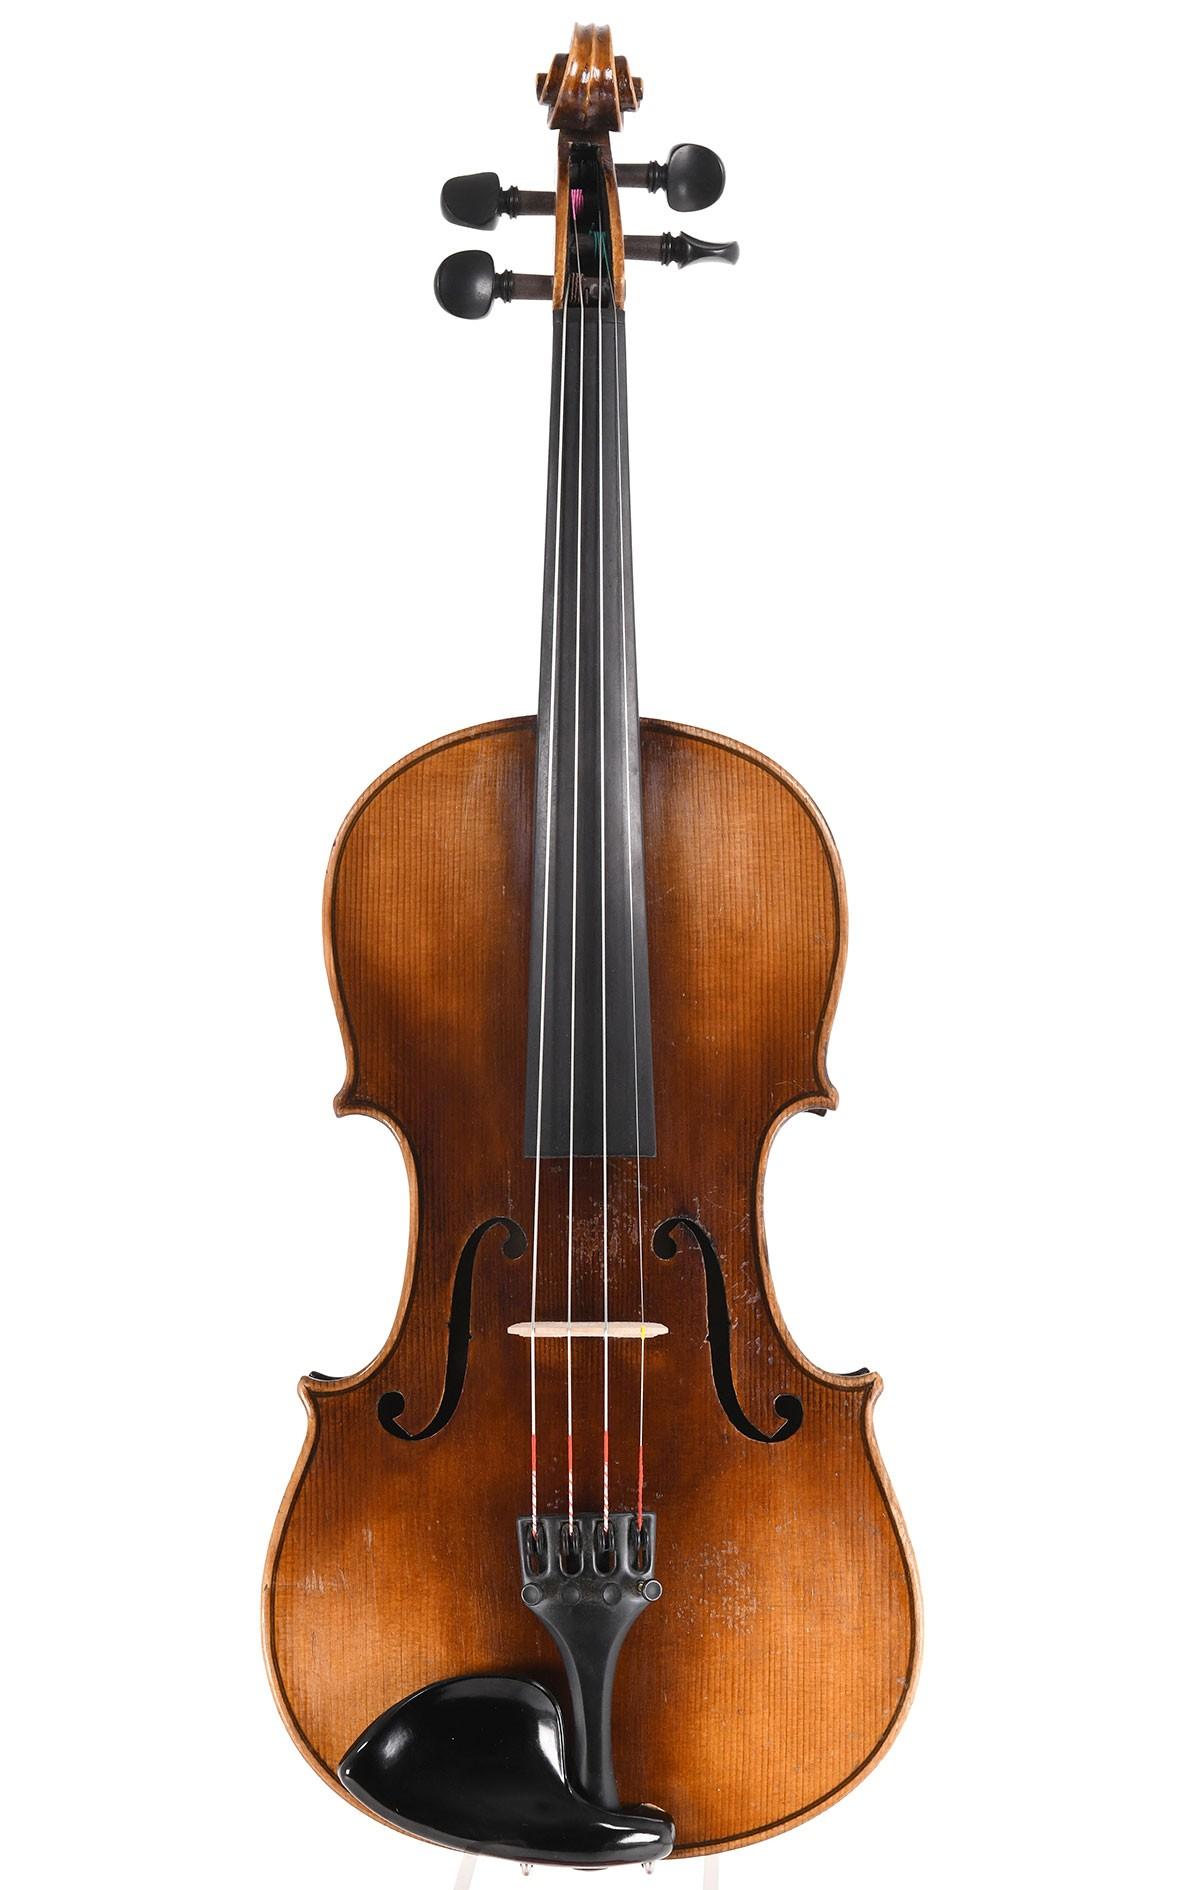 Antique Violin by Schuster & Co. Markneukirchen